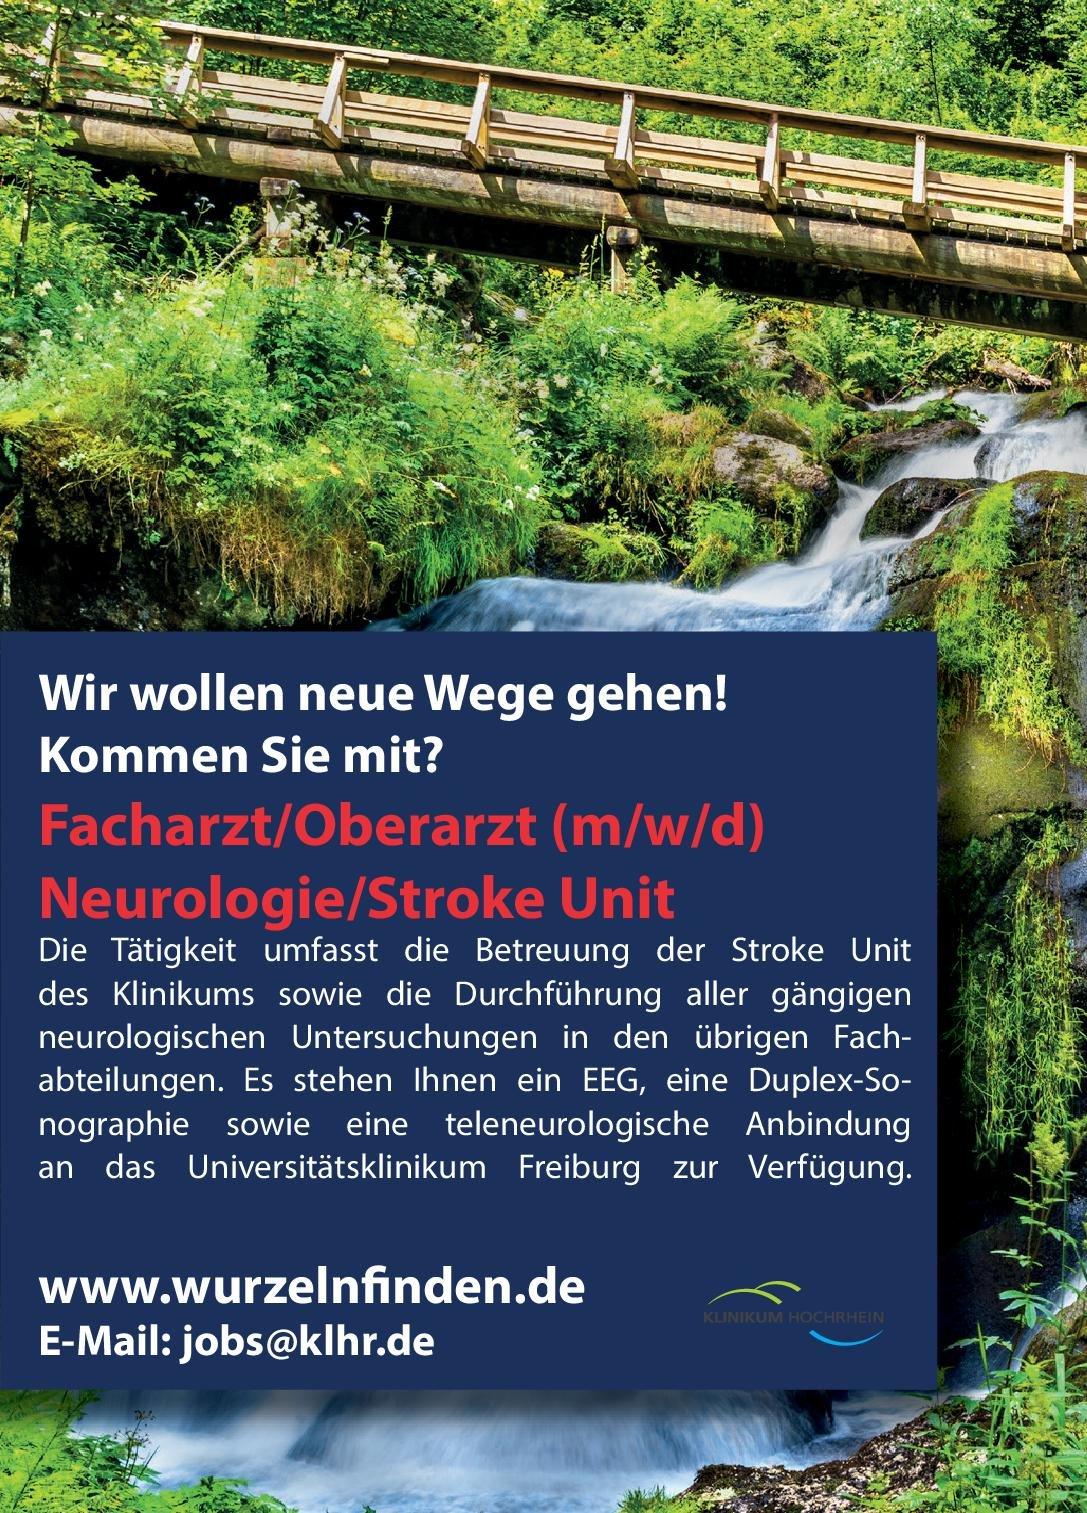 Klinikum Hochrhein Facharzt/Oberarzt (m/w/d) Neurologie/Stroke Unit Neurologie Arzt / Facharzt, Oberarzt